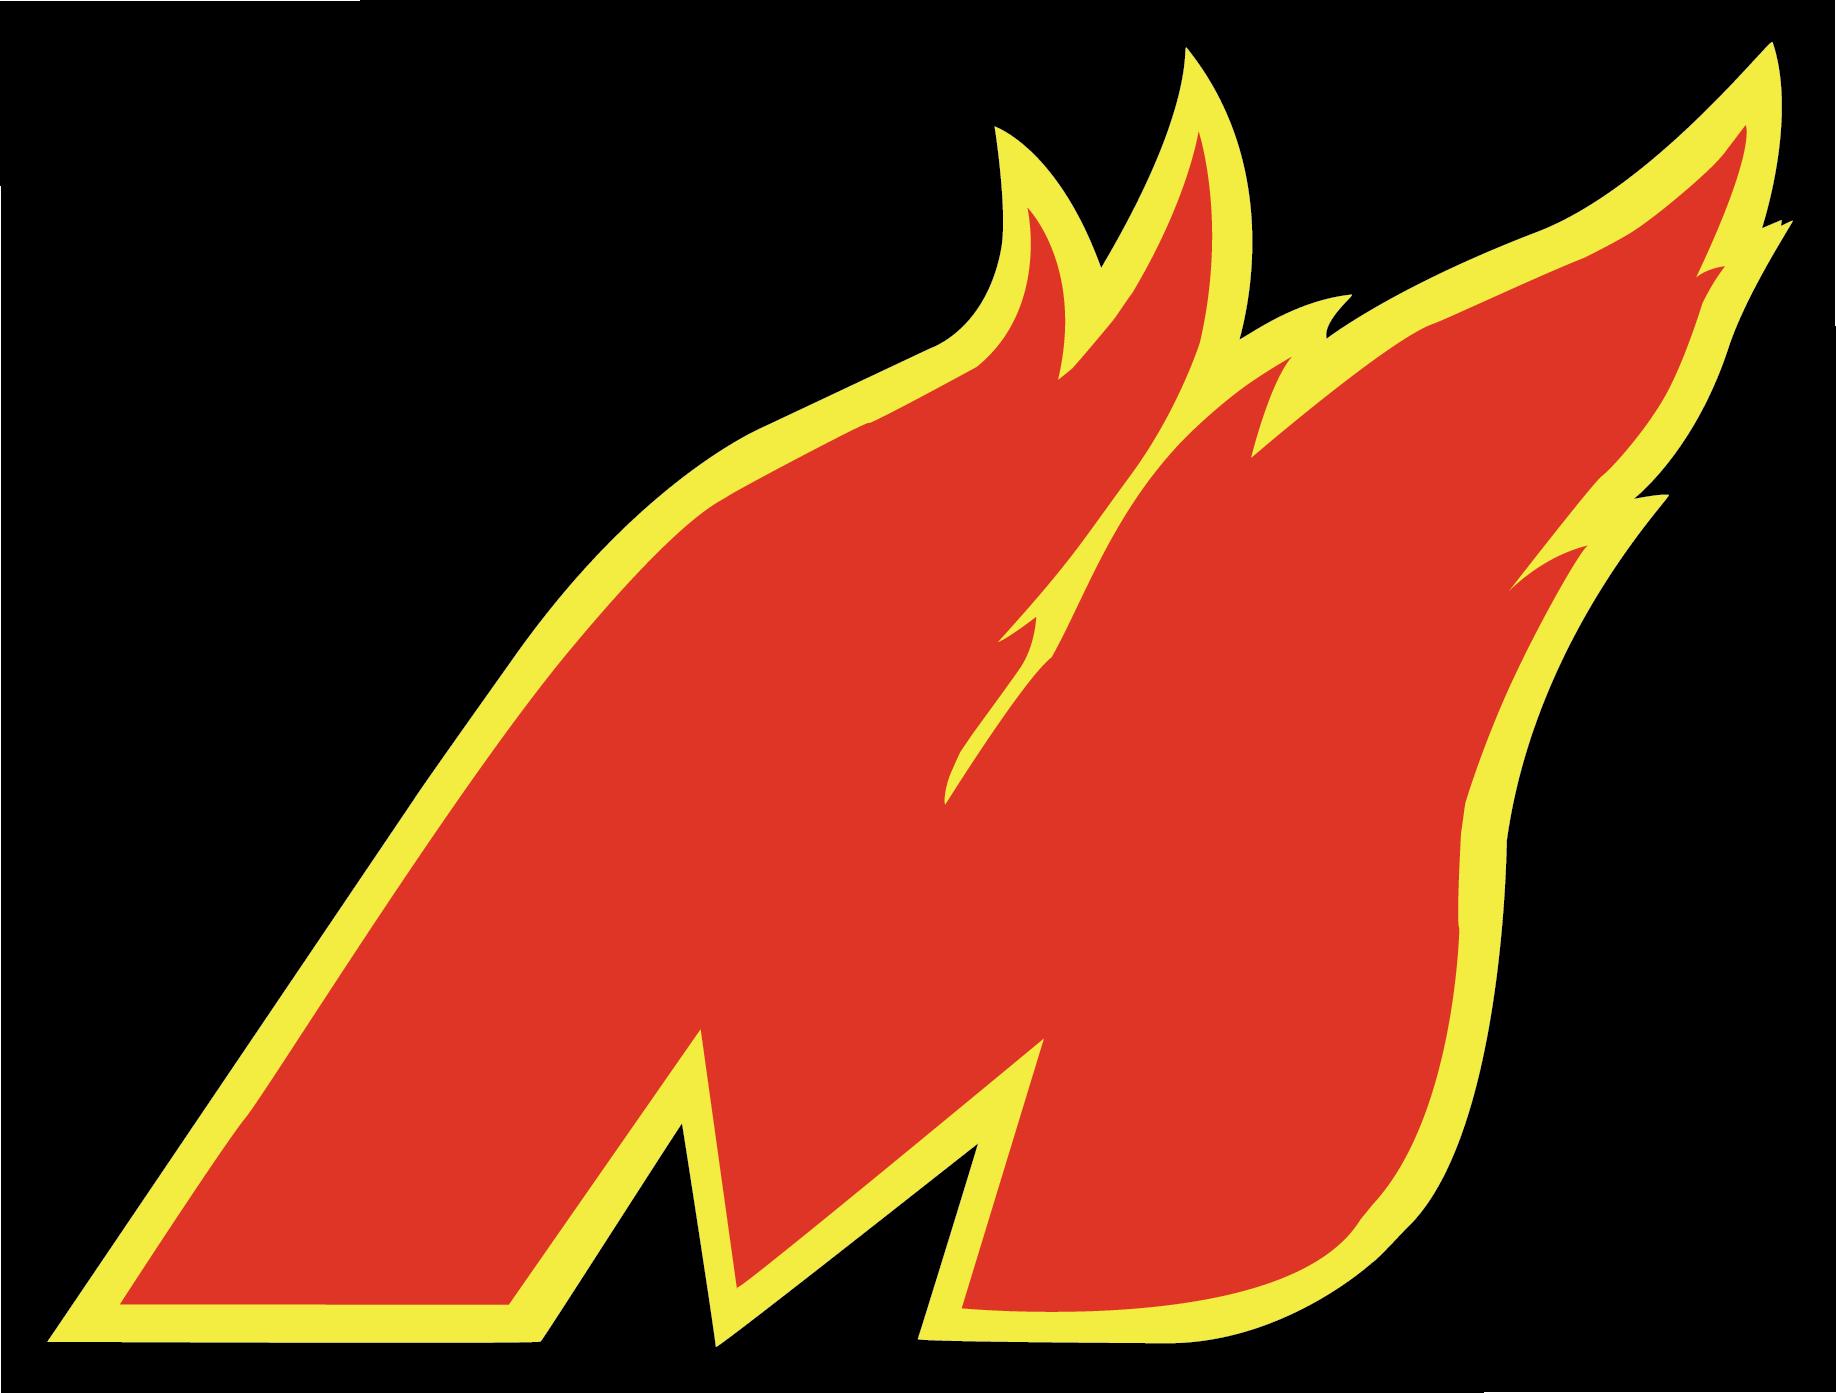 Original MN Flames Logo